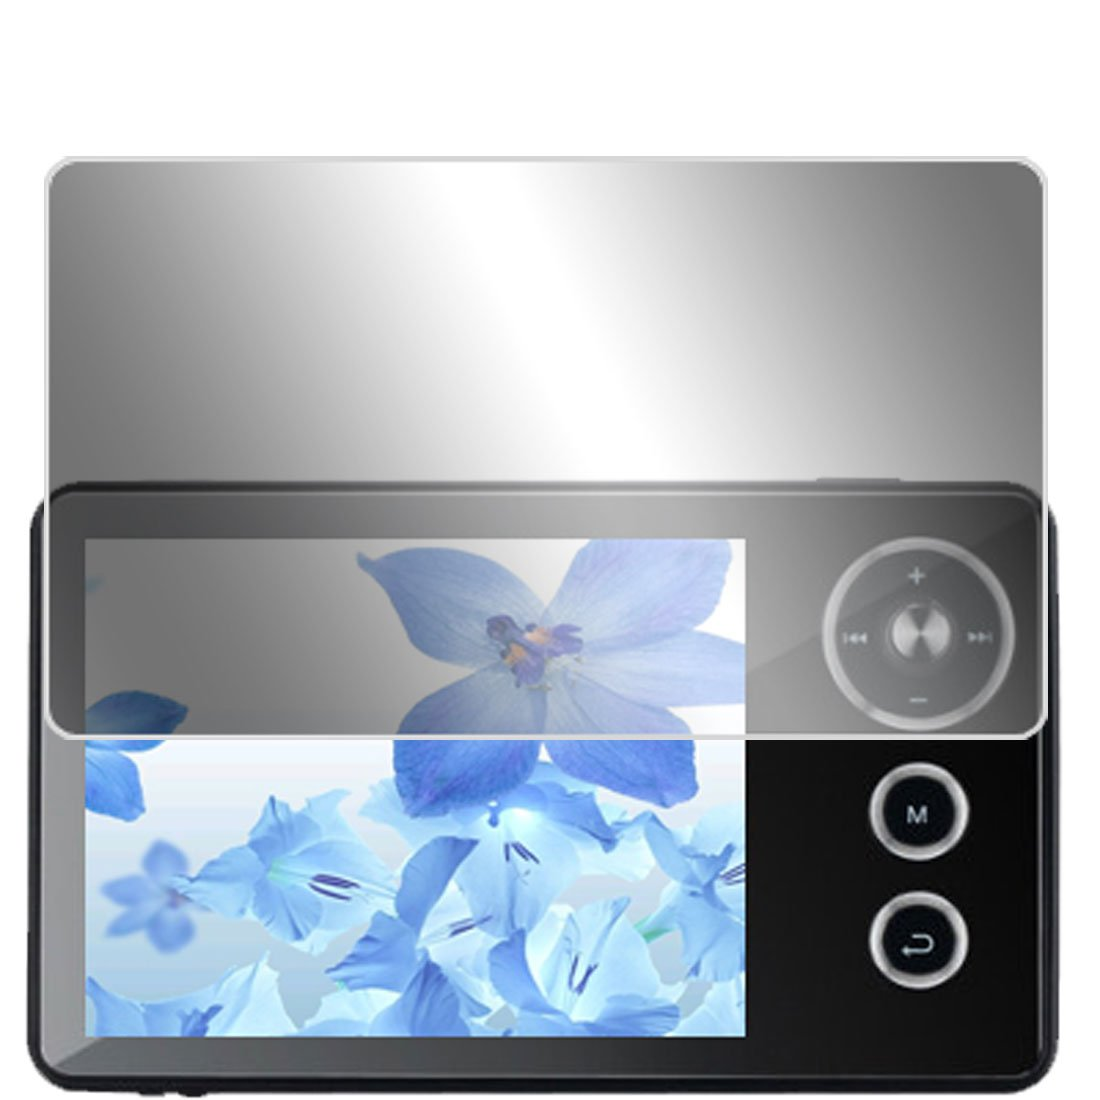 DV DC 10.9 cmデジタルカメラ表示画面表示画面液晶画面